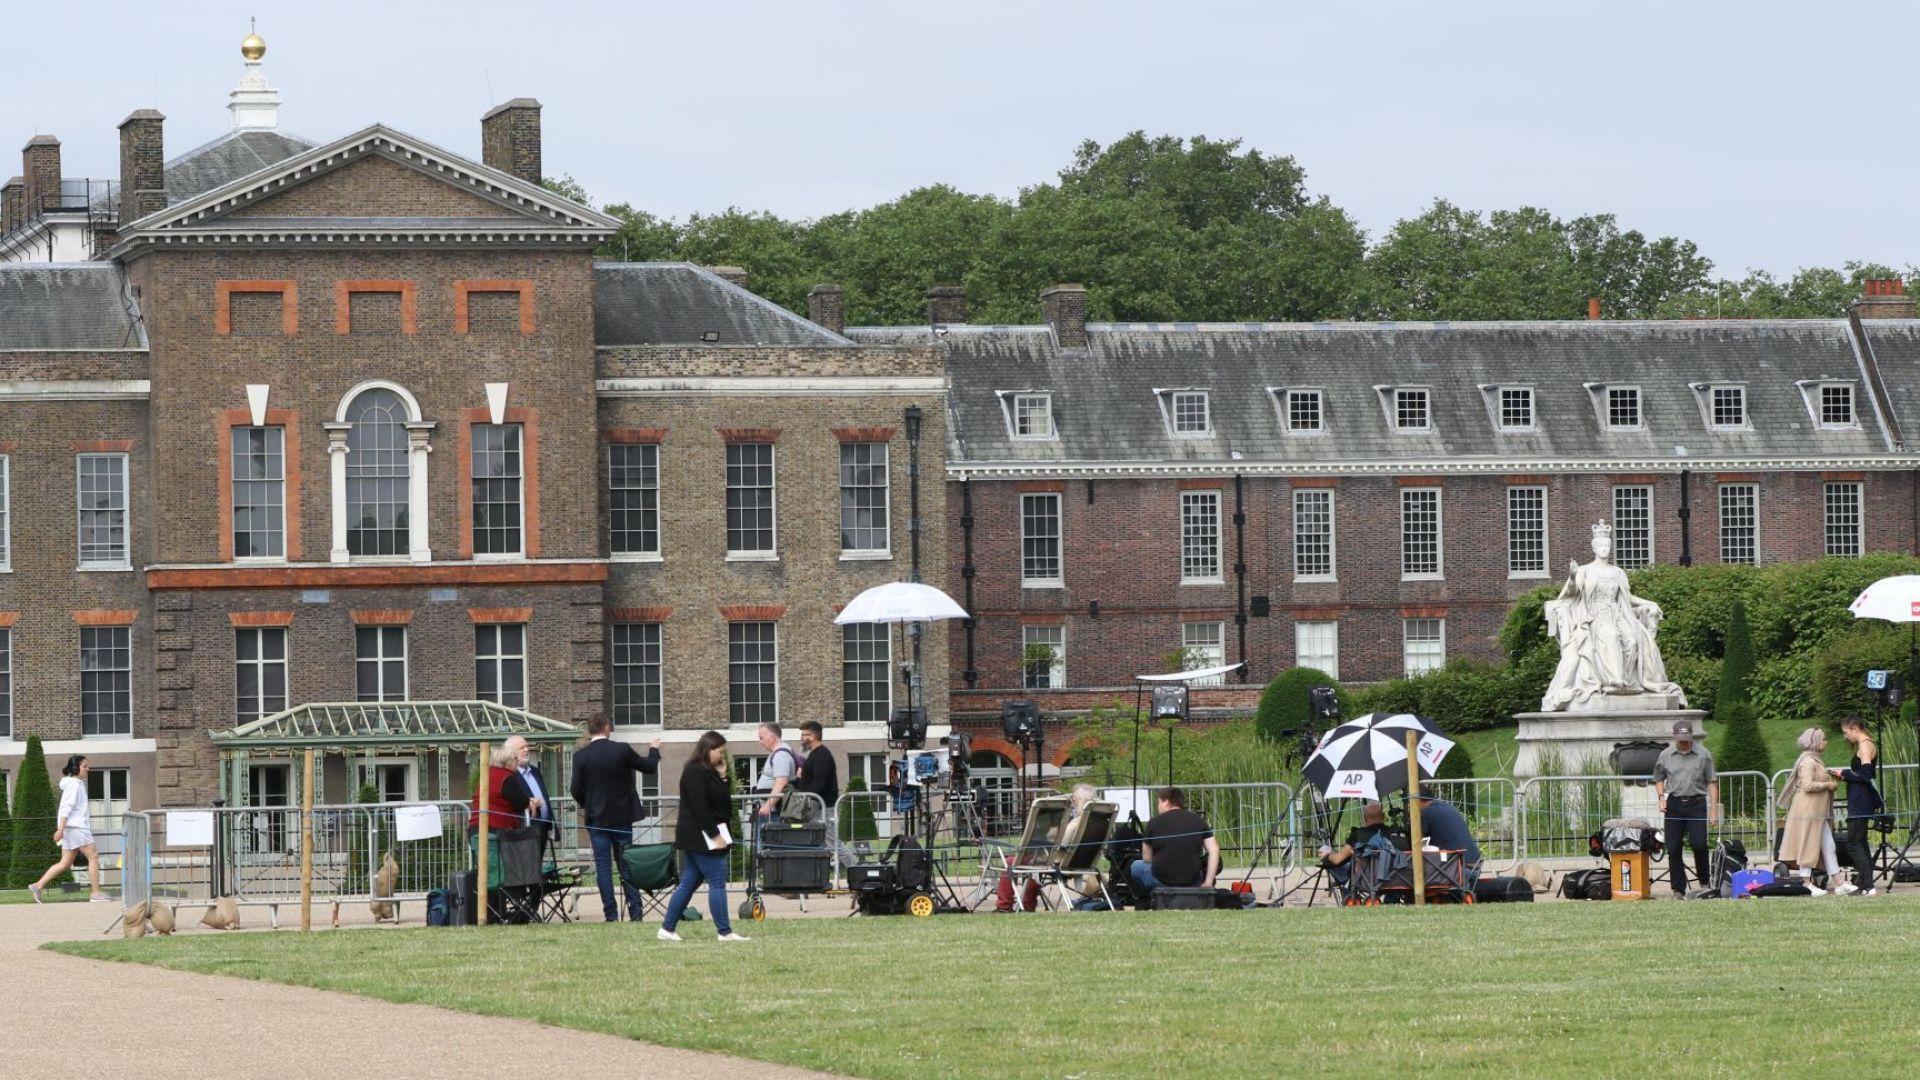 Любимата градина на принцеса Даяна в двореца Кенсингтън приютява статуята ѝ